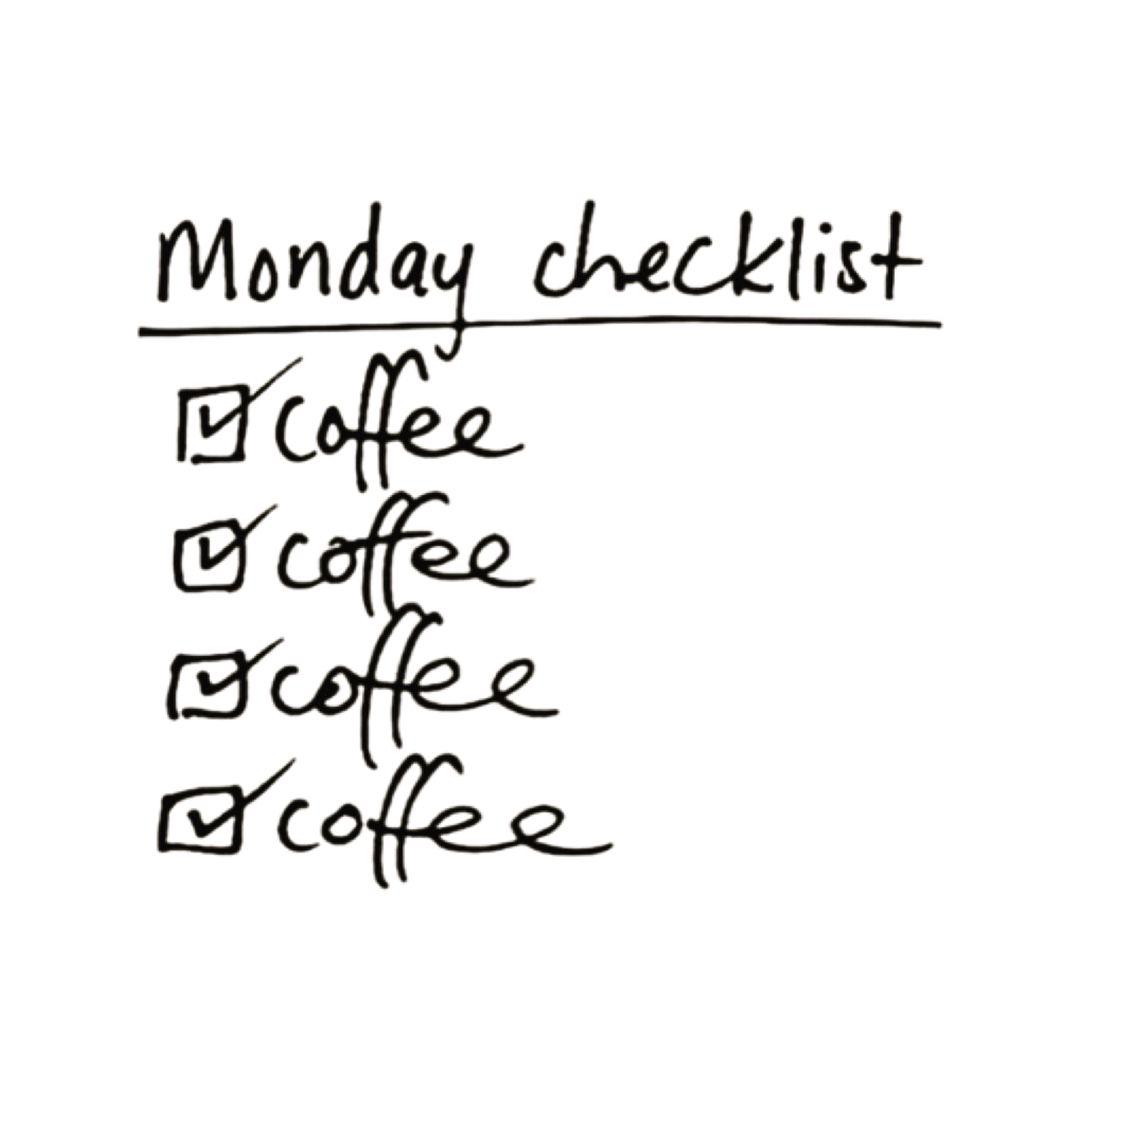 Een nieuwe week is weer begonnen en dat betekent ook nieuwe blogs! Maar eerst koffie ☕️... #blogger #socialmedia #socialmediablogger #monday #coffee